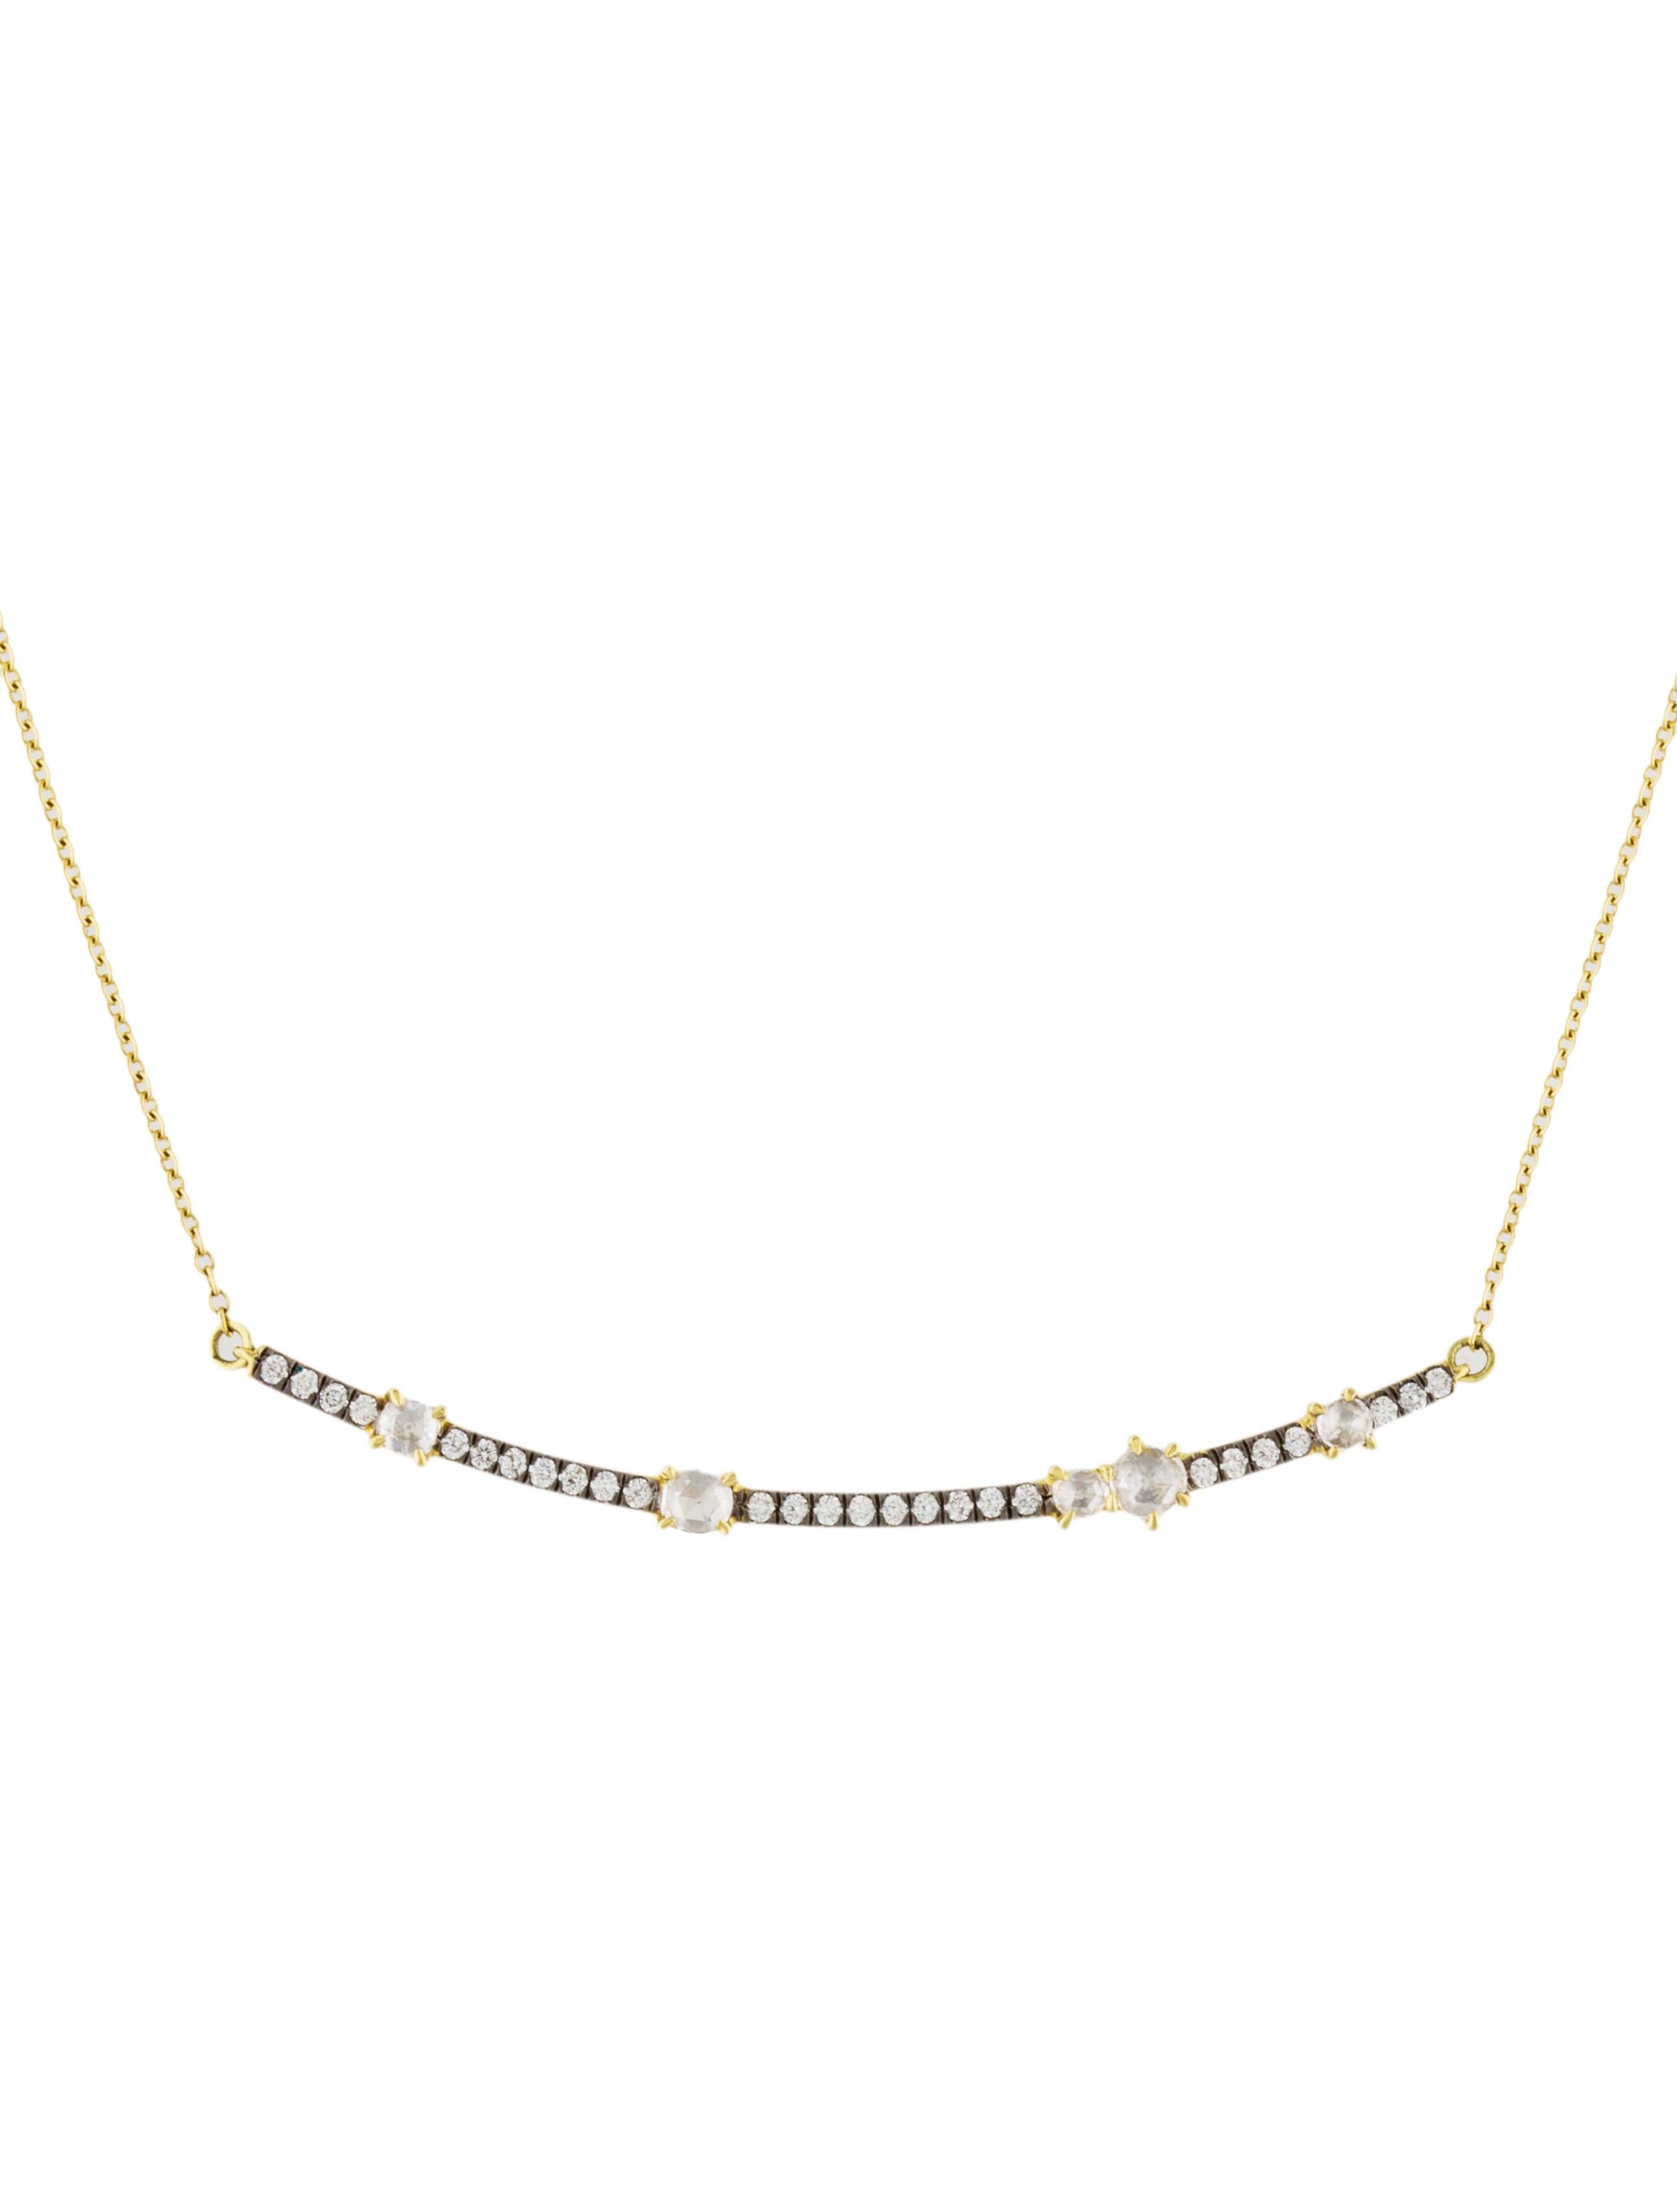 Jemma Wynne Prive Luxe Diamond Bar Necklace mulW72X72